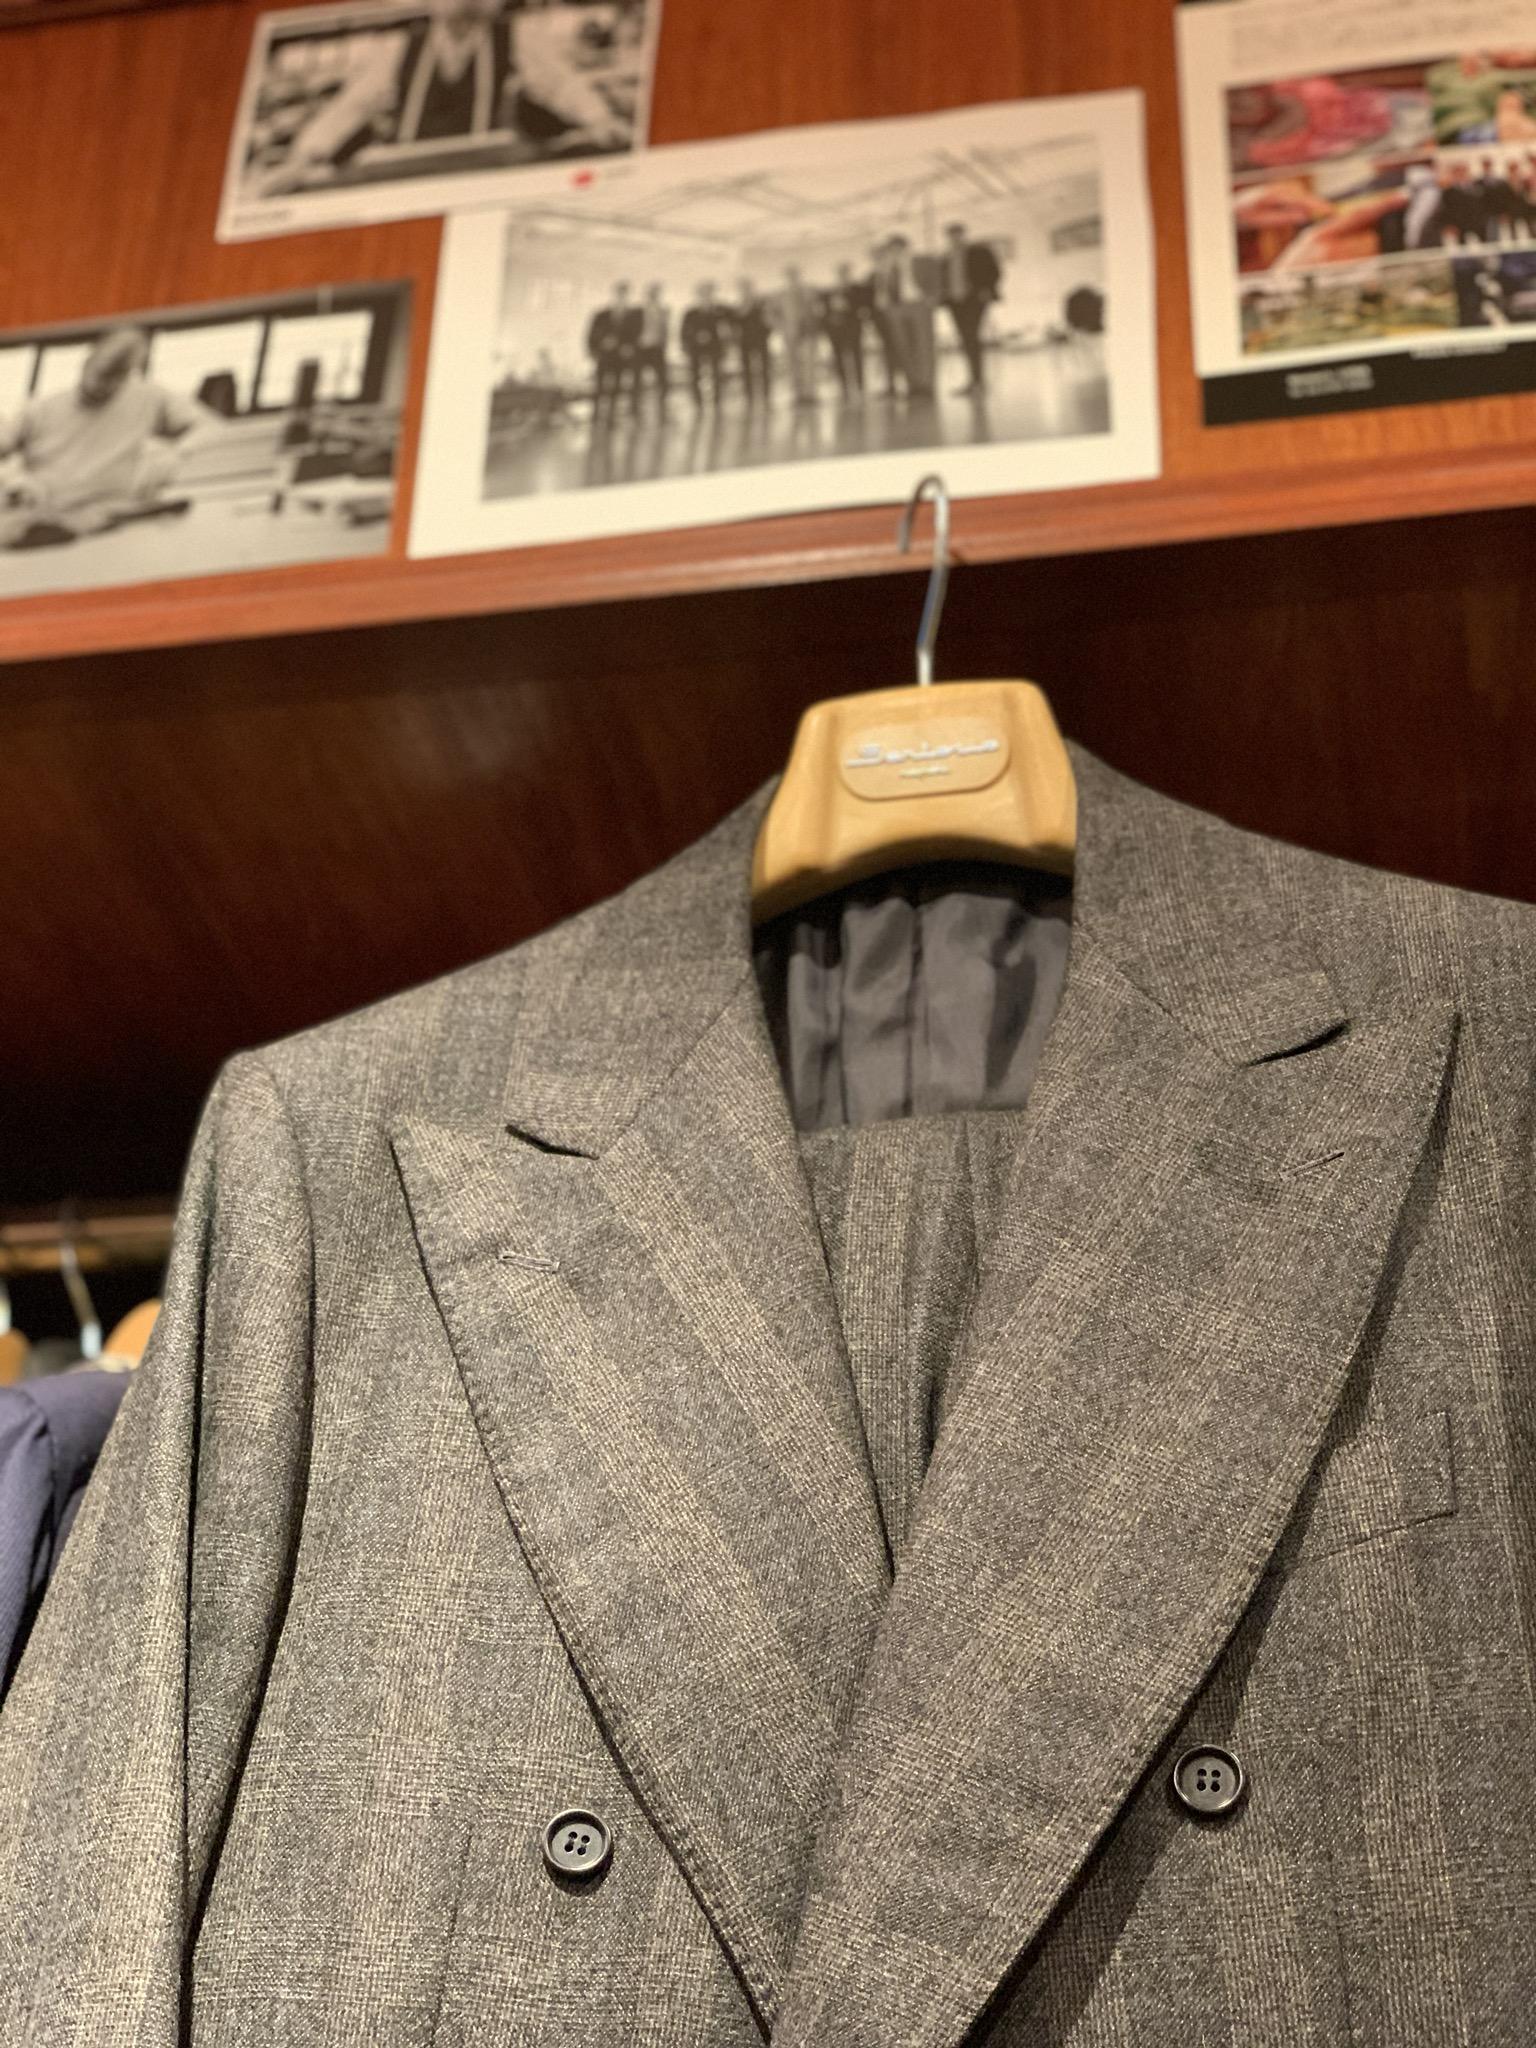 正統な紳士服を嗜むvol.48〜中庸なナポリ仕立てサルトリオ